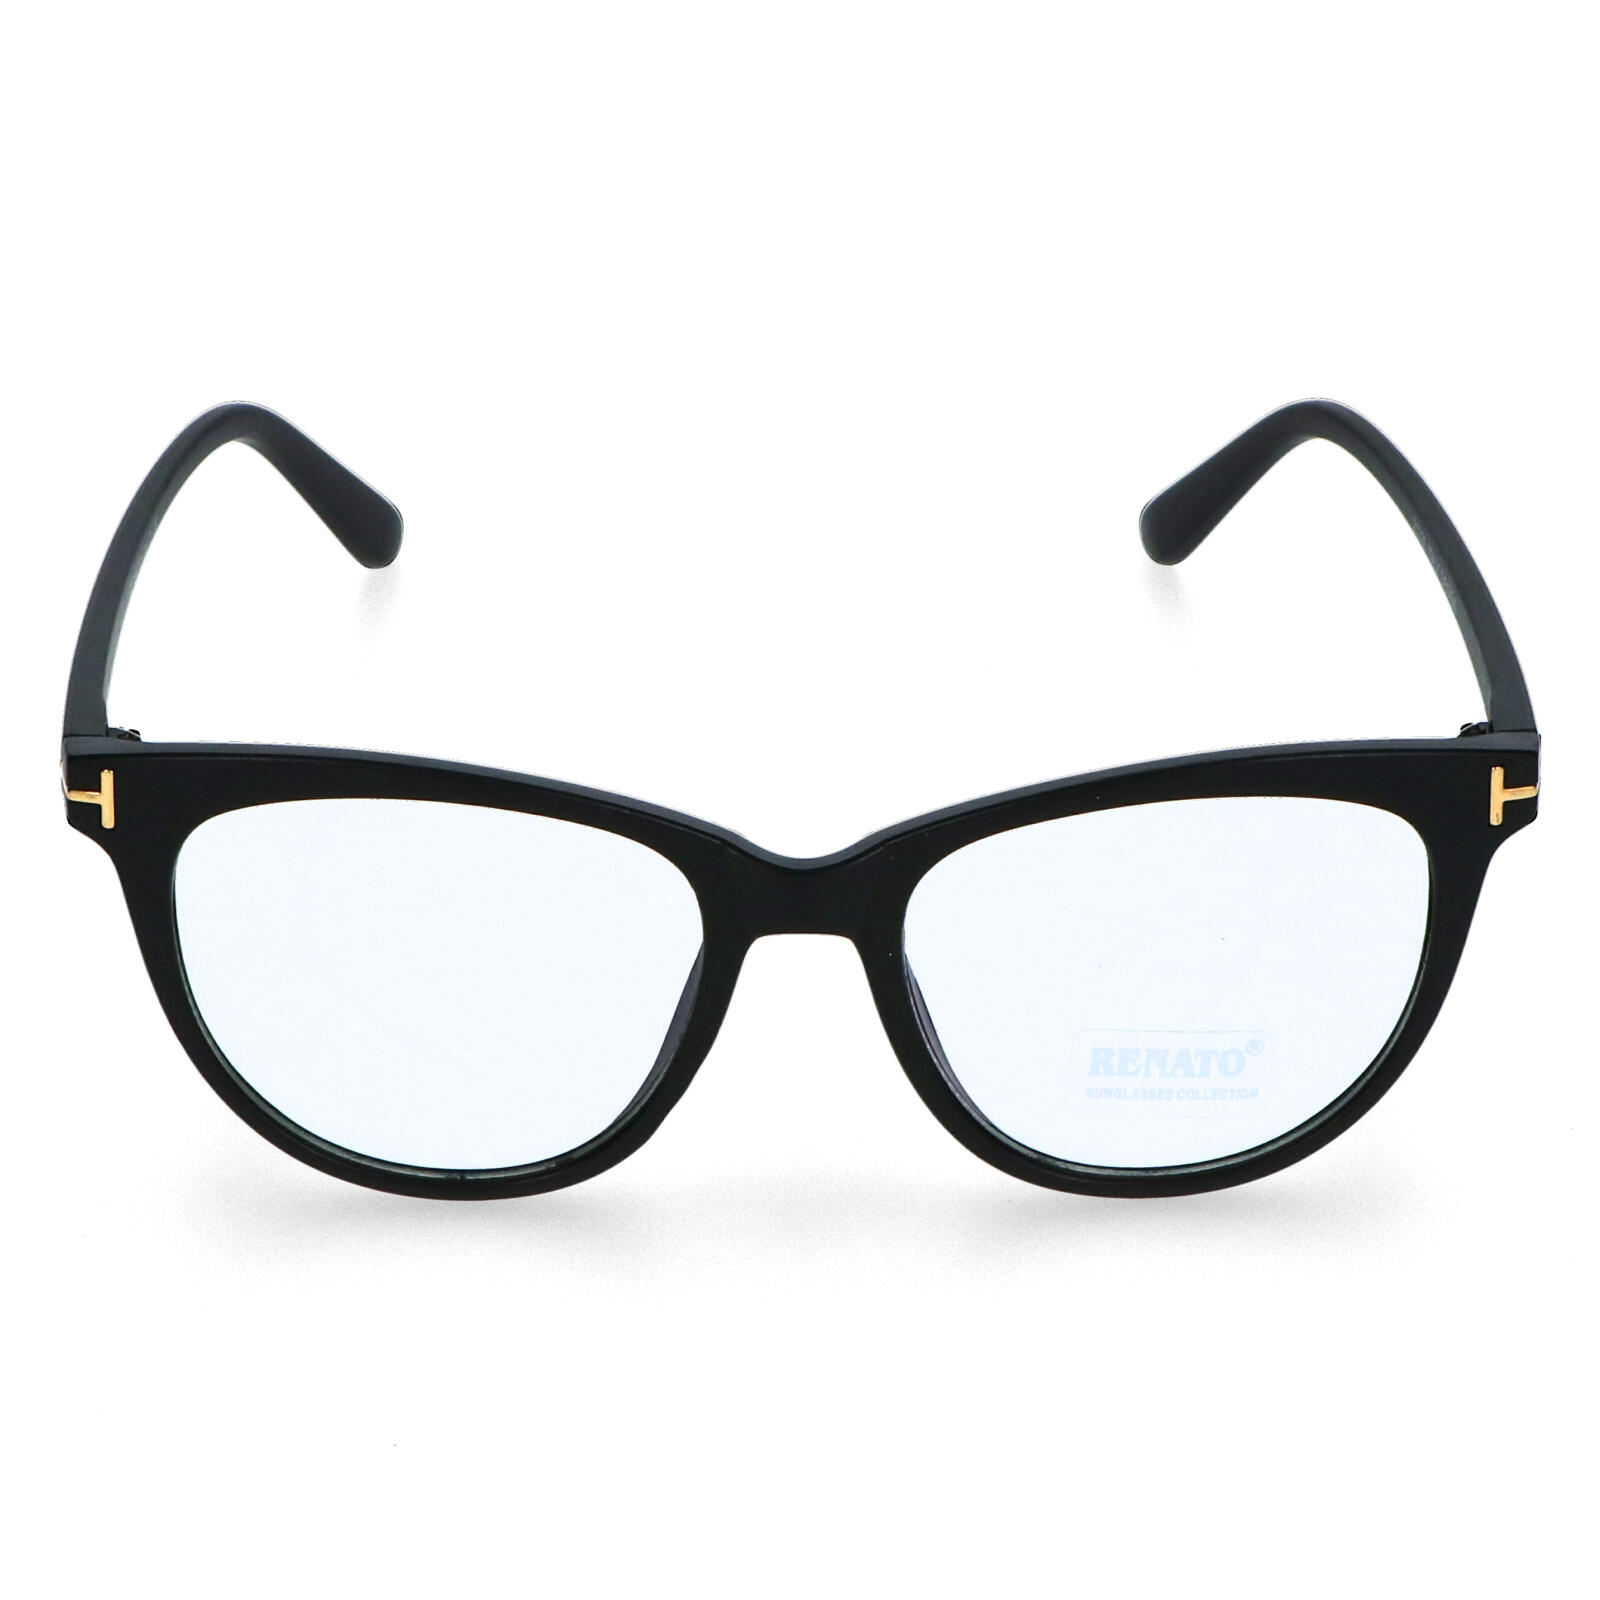 Dámske slnečné okuliare čierne - CAT623